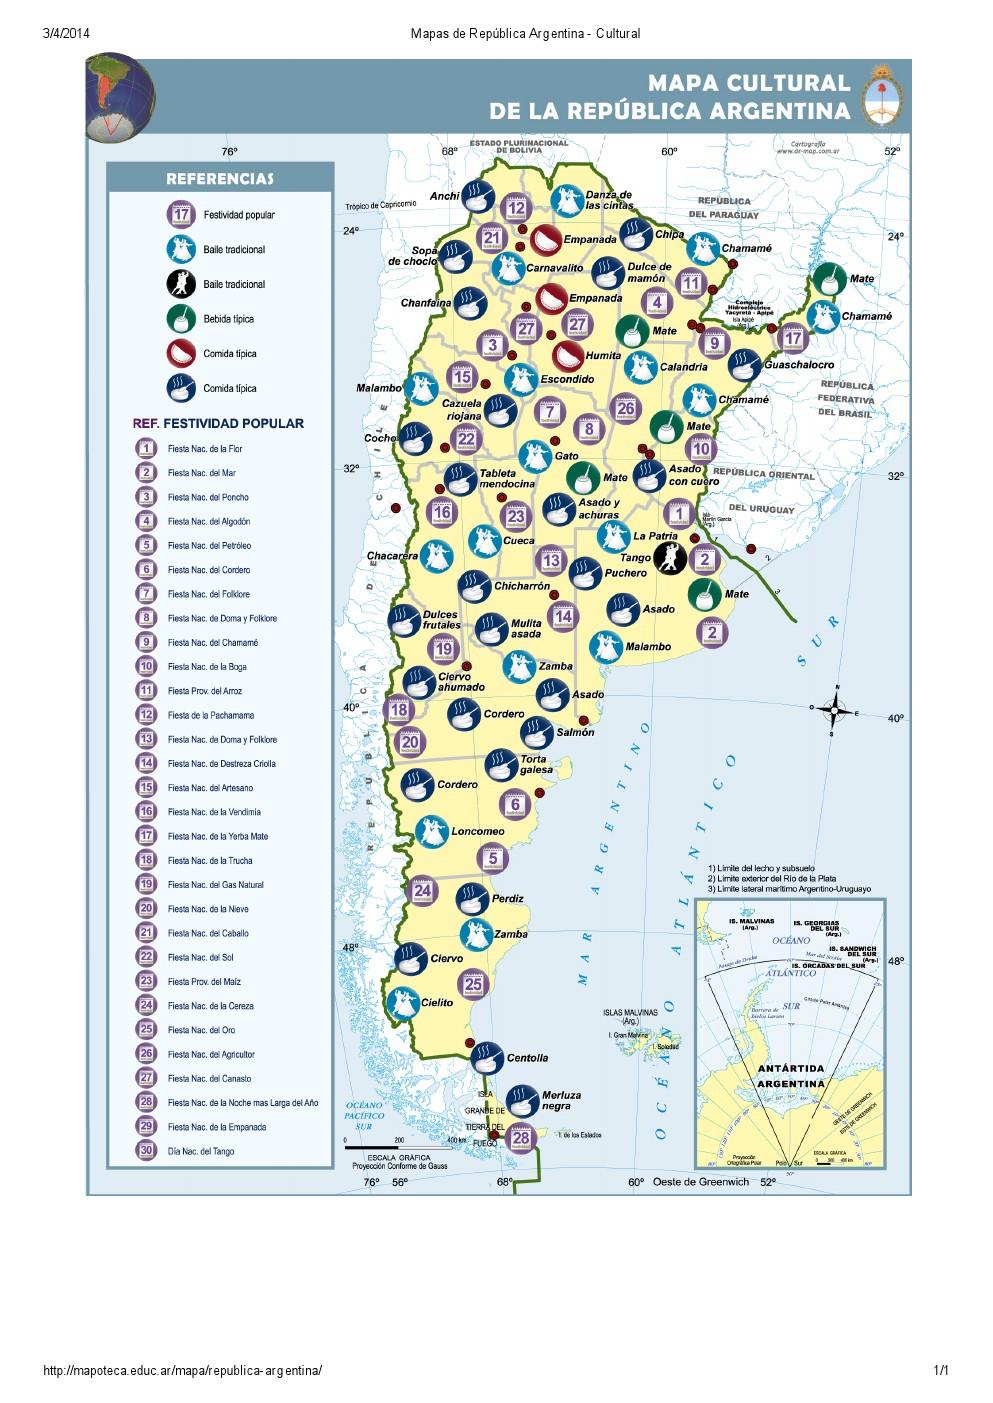 Mapa cultural de Argentina. Mapoteca de Educ.ar